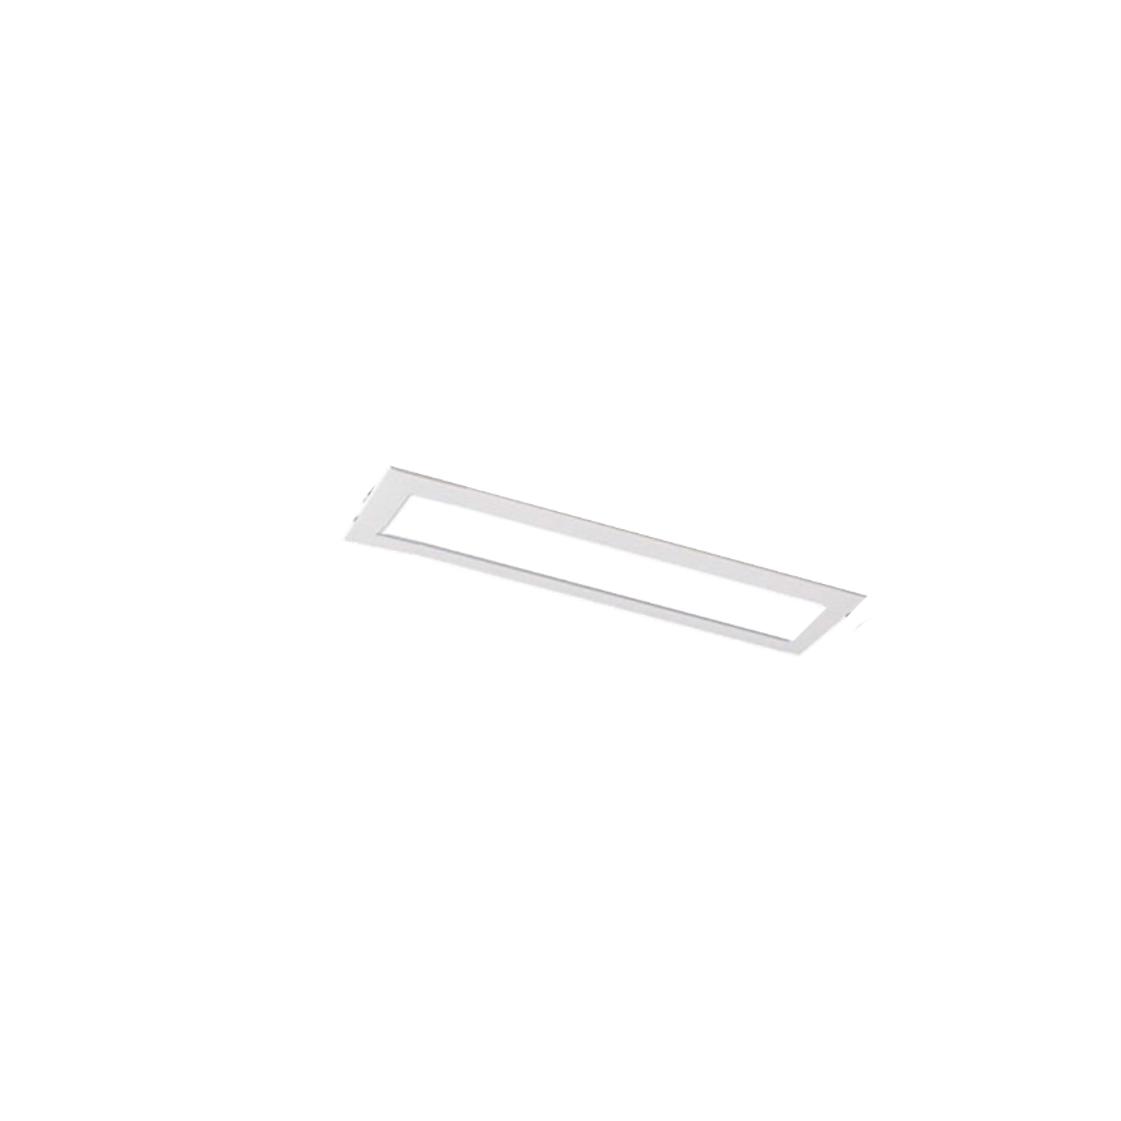 Luxsquare 620 X 150 / 19W Embutir